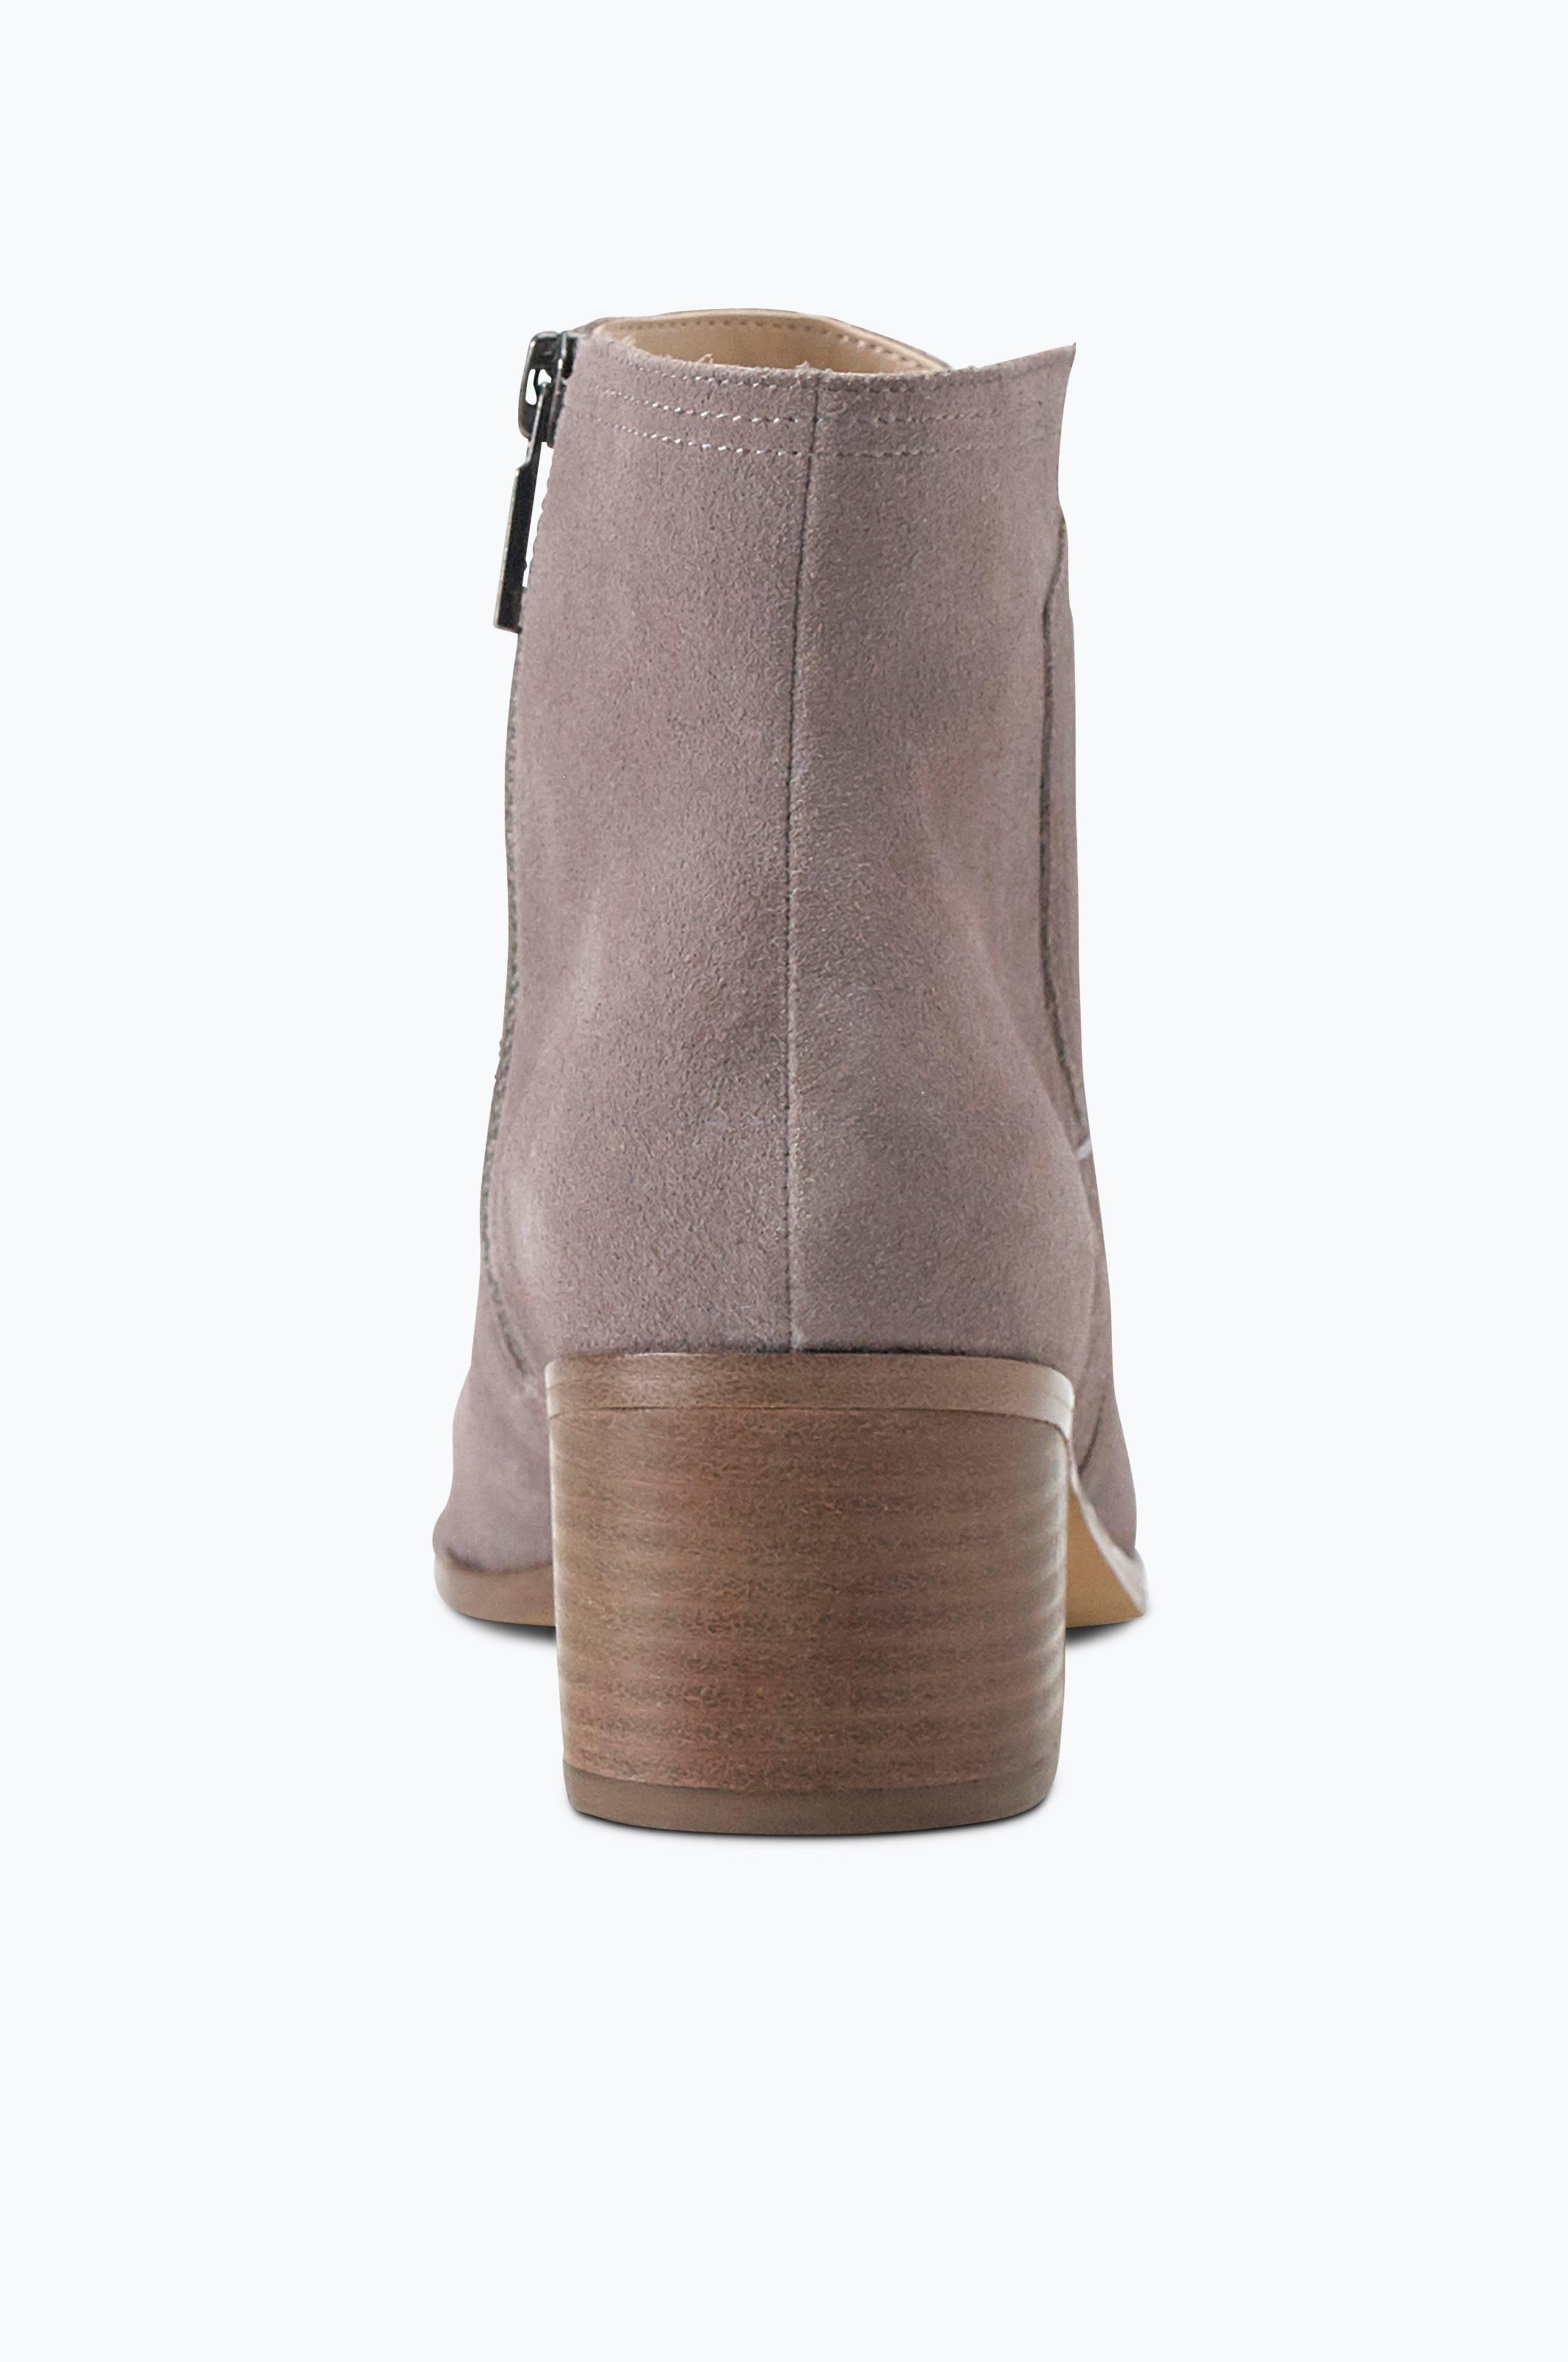 Boots Premium finns i mocka och skinn